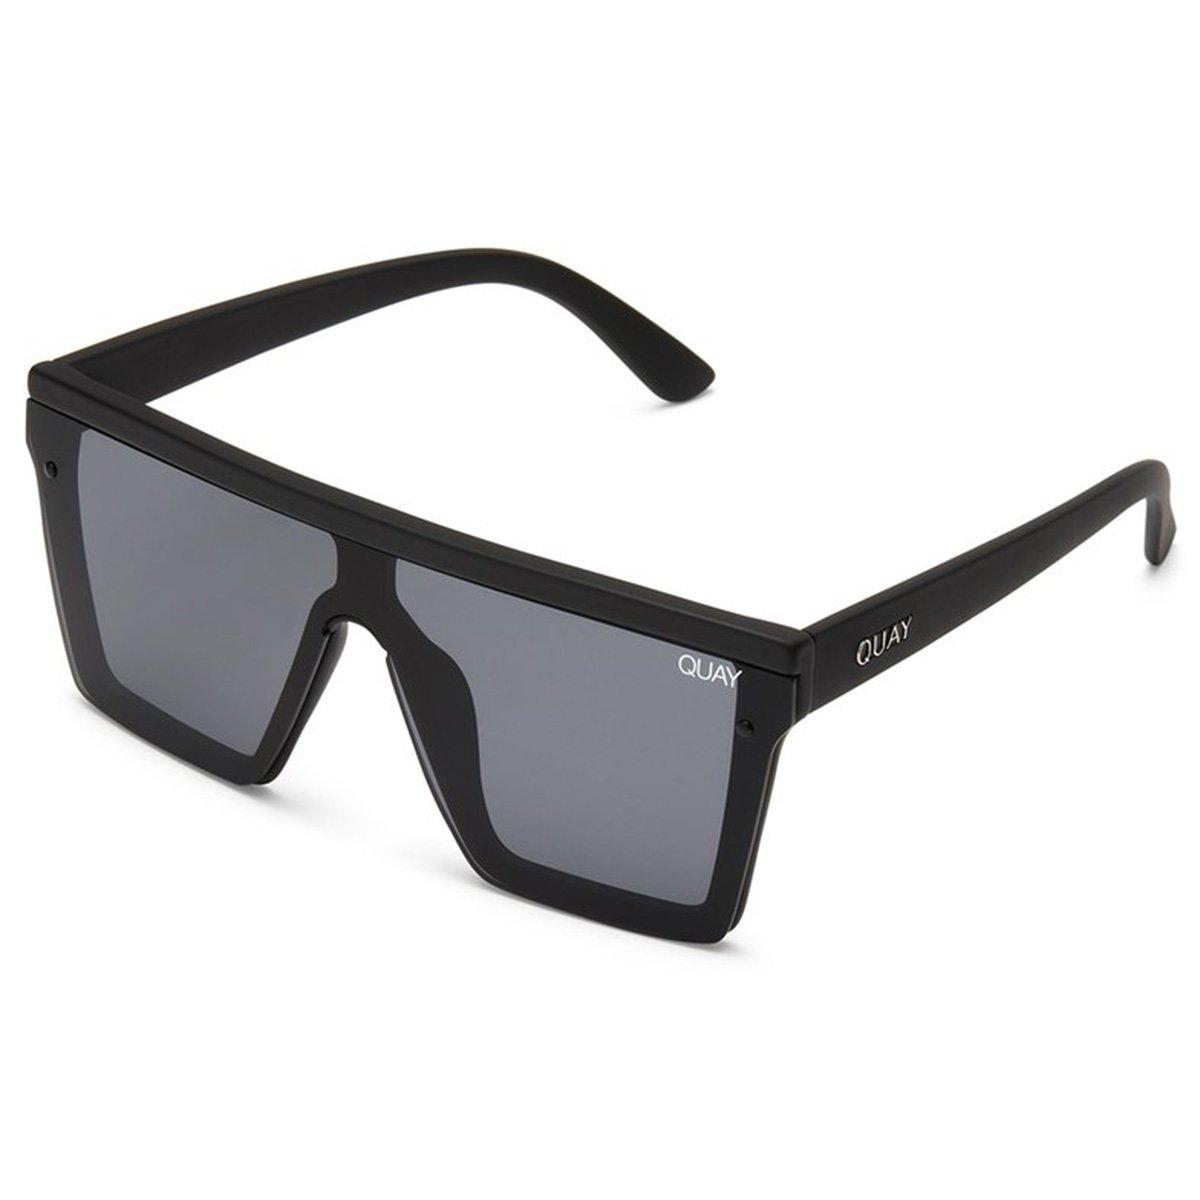 5158c24fc3ab0 Compre Óculos de Sol Quay Australia em 10X   Tri-Jóia Shop